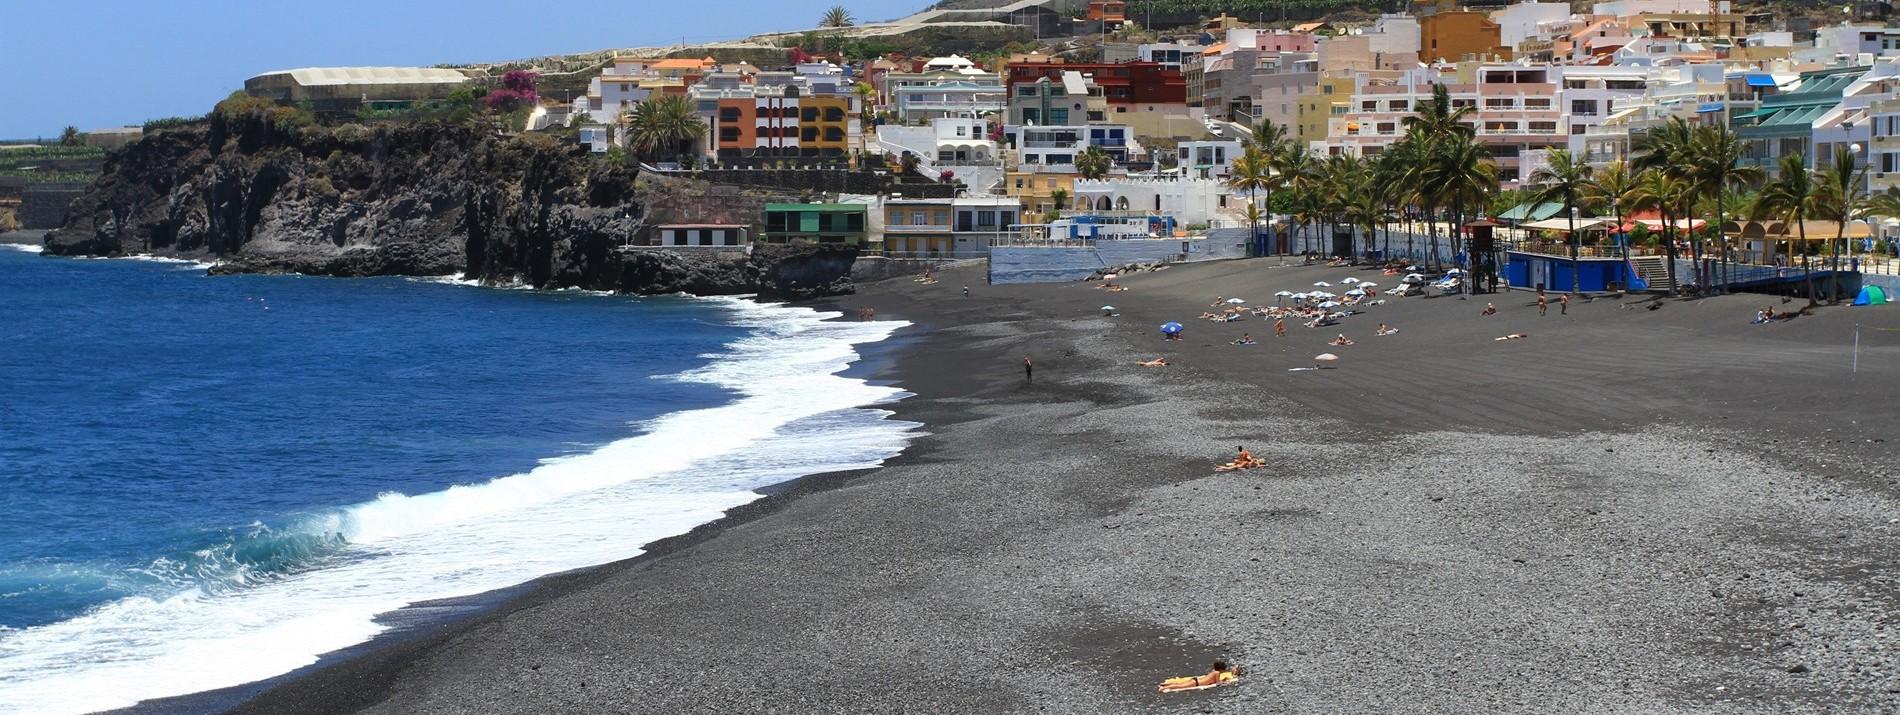 puerto-naos-e1433709816469